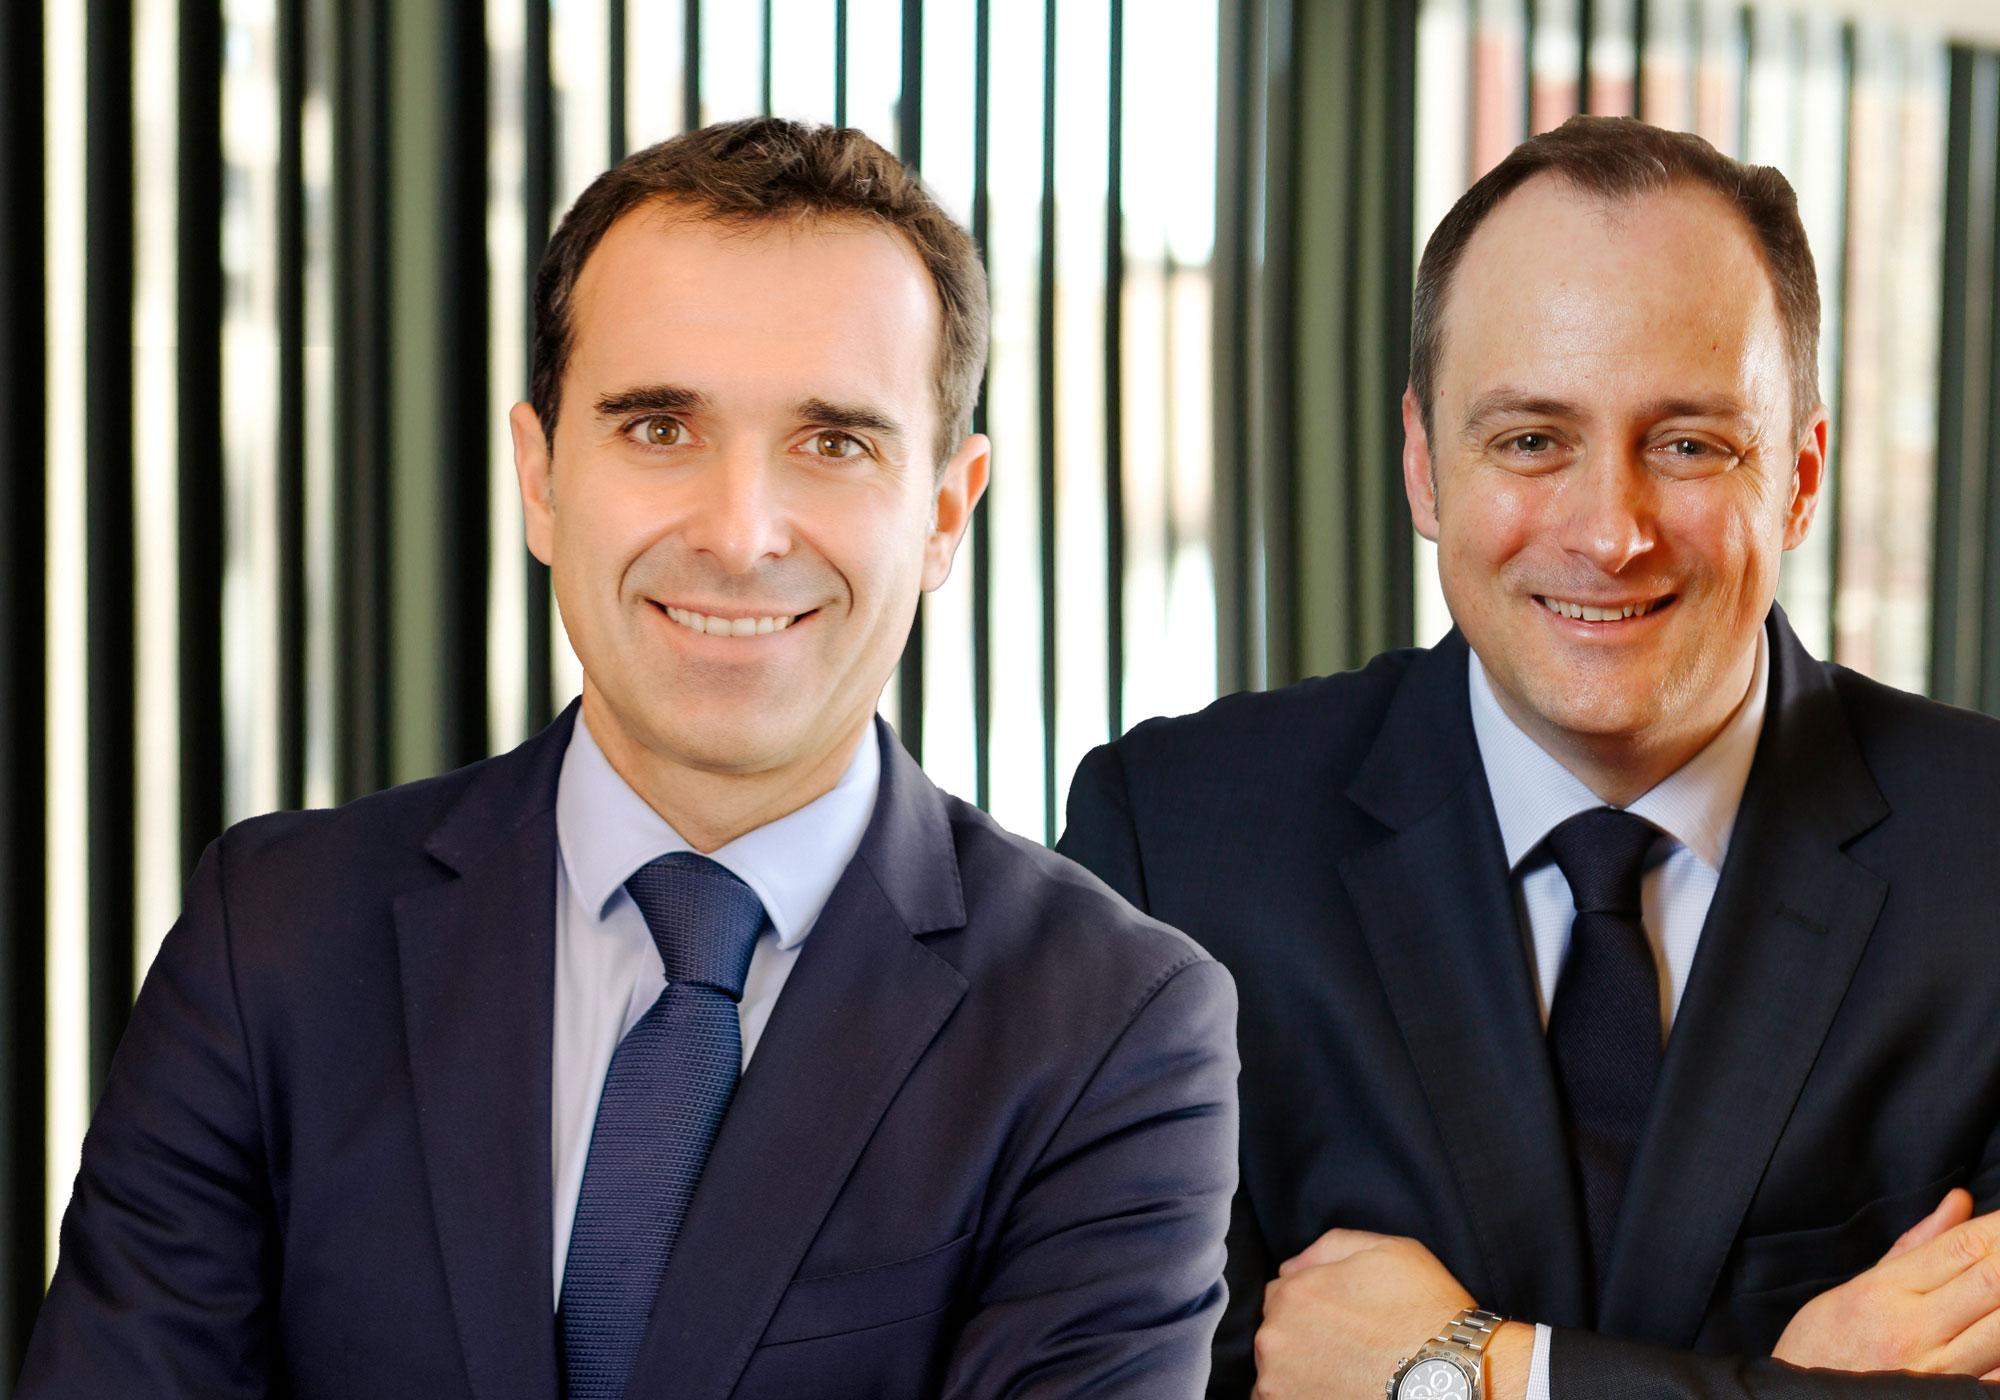 Cuatrecasas ultima la incorporación del abogado José Ramón Berecibar como socio y la integración del despacho GBP Legal